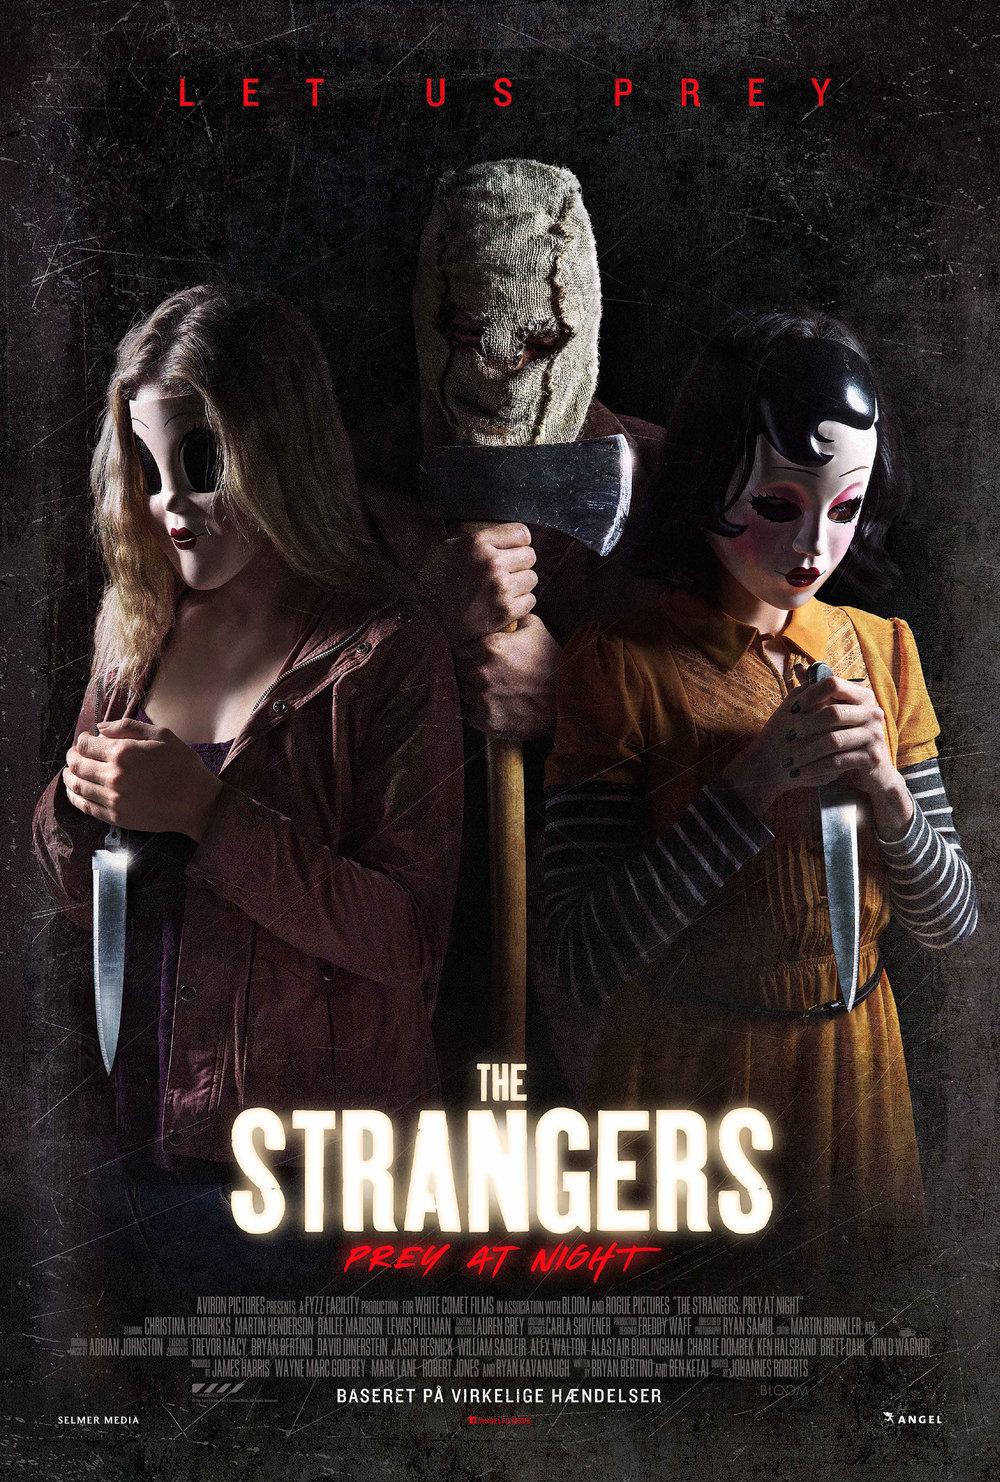 The Strangers 2 A4 kopi.jpg